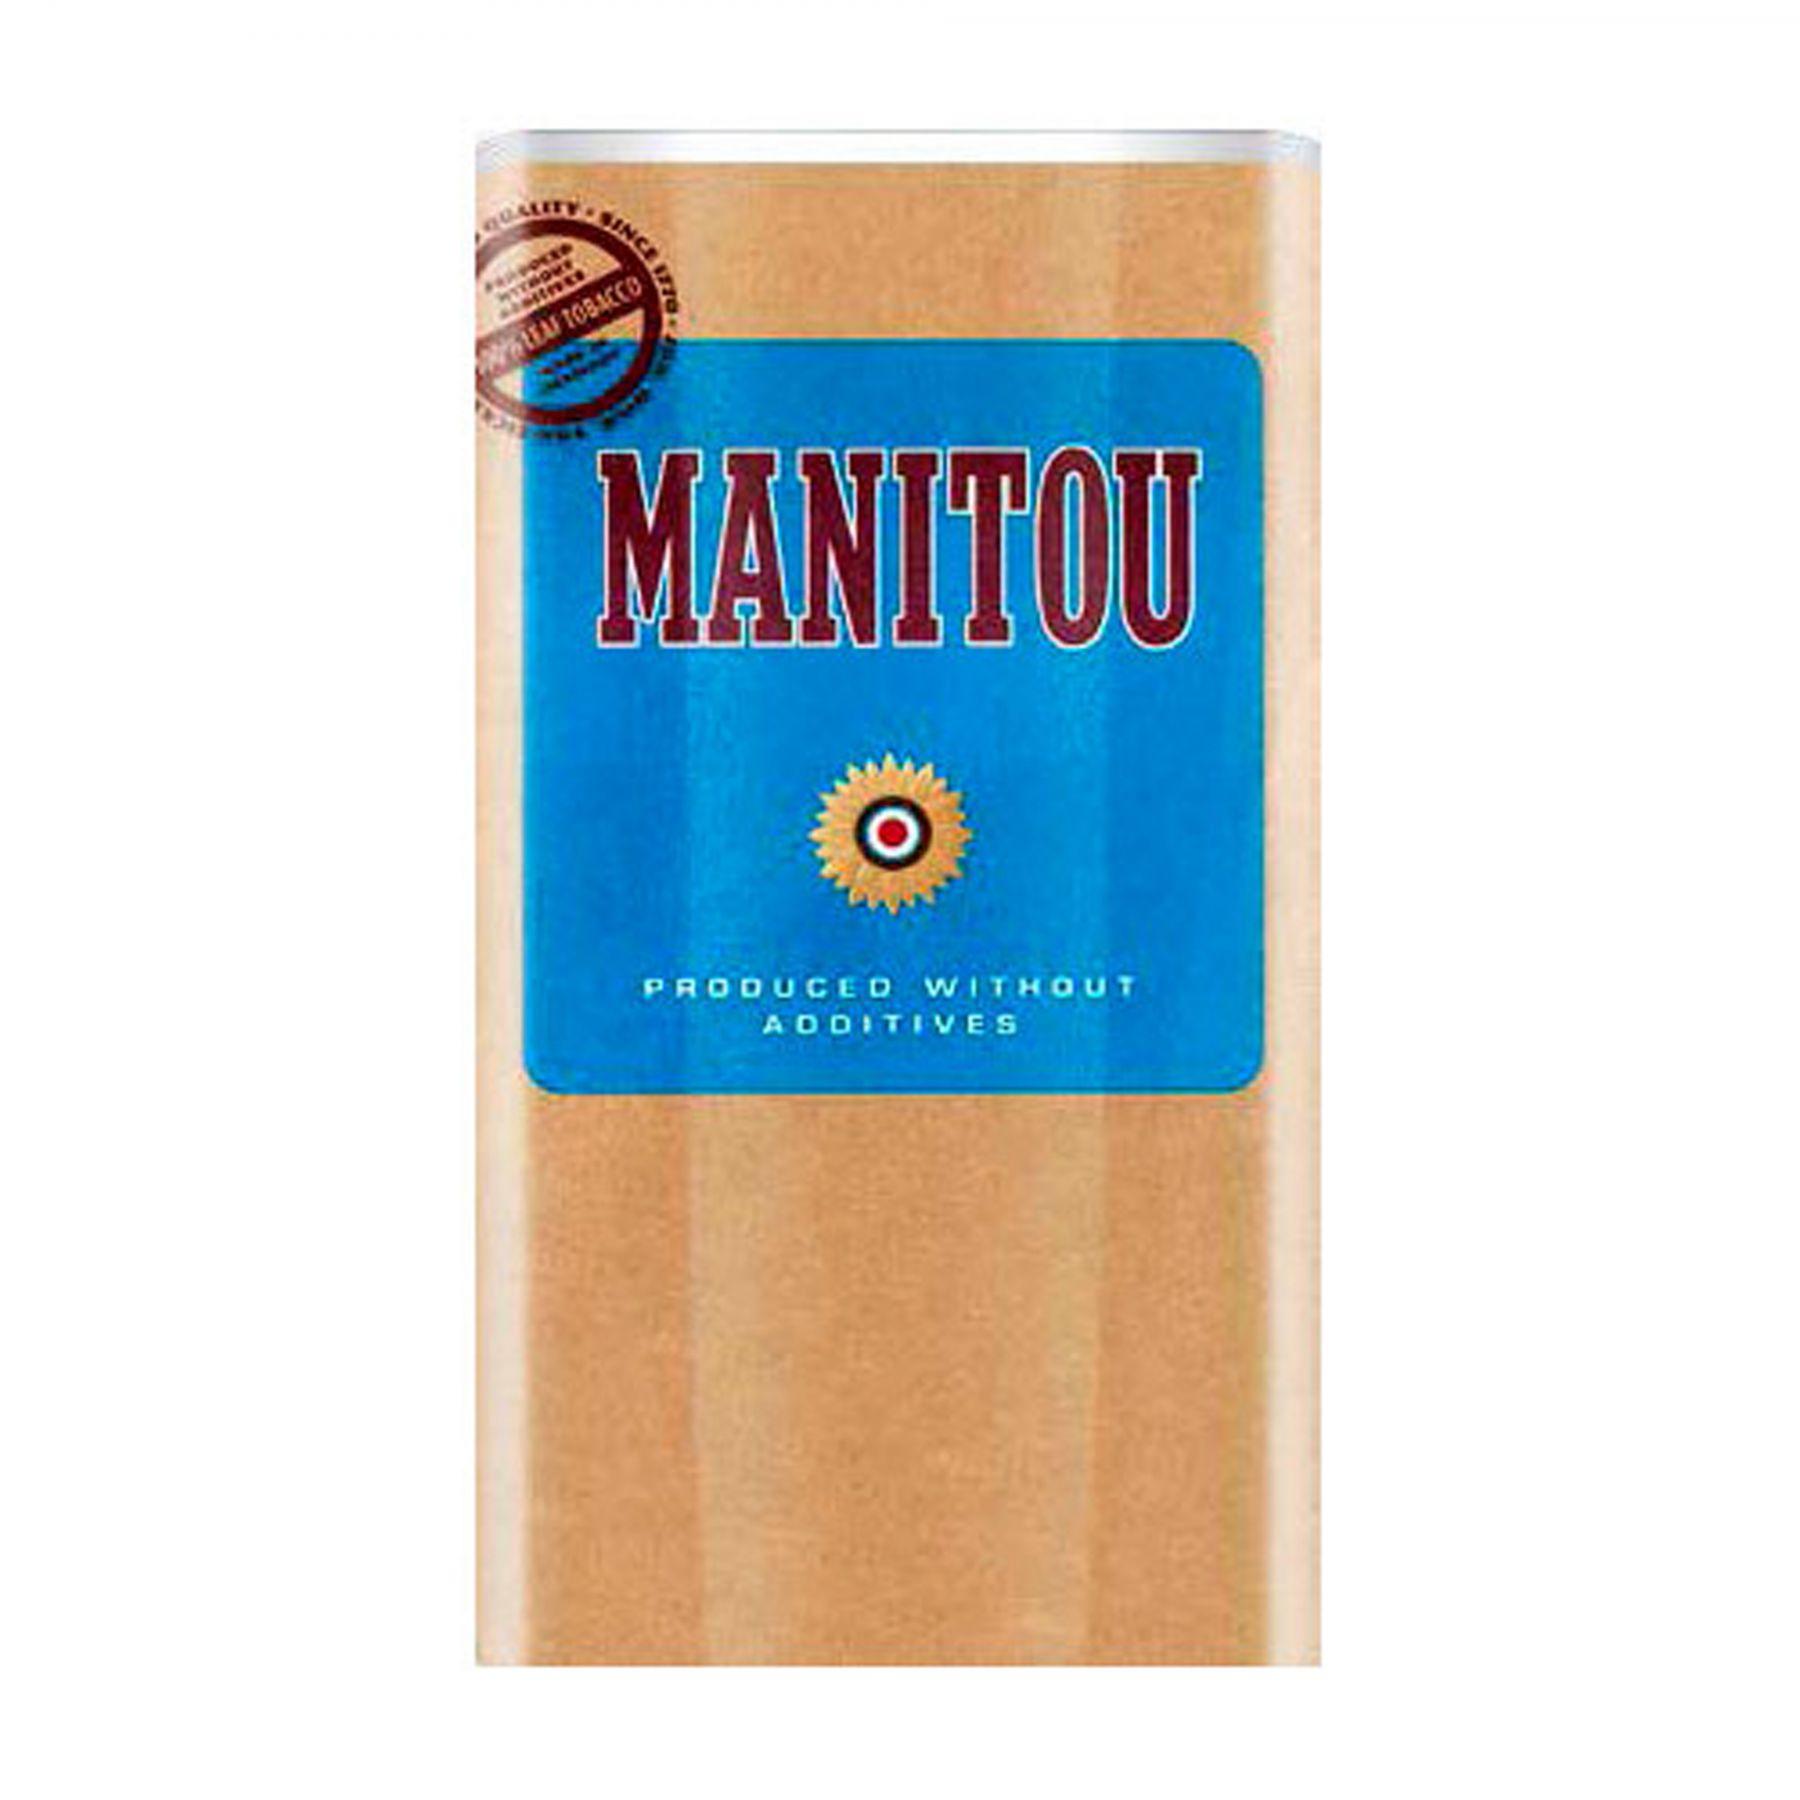 Manitou сигареты купить спб одноразовая электронная сигарета fizzy max 1600